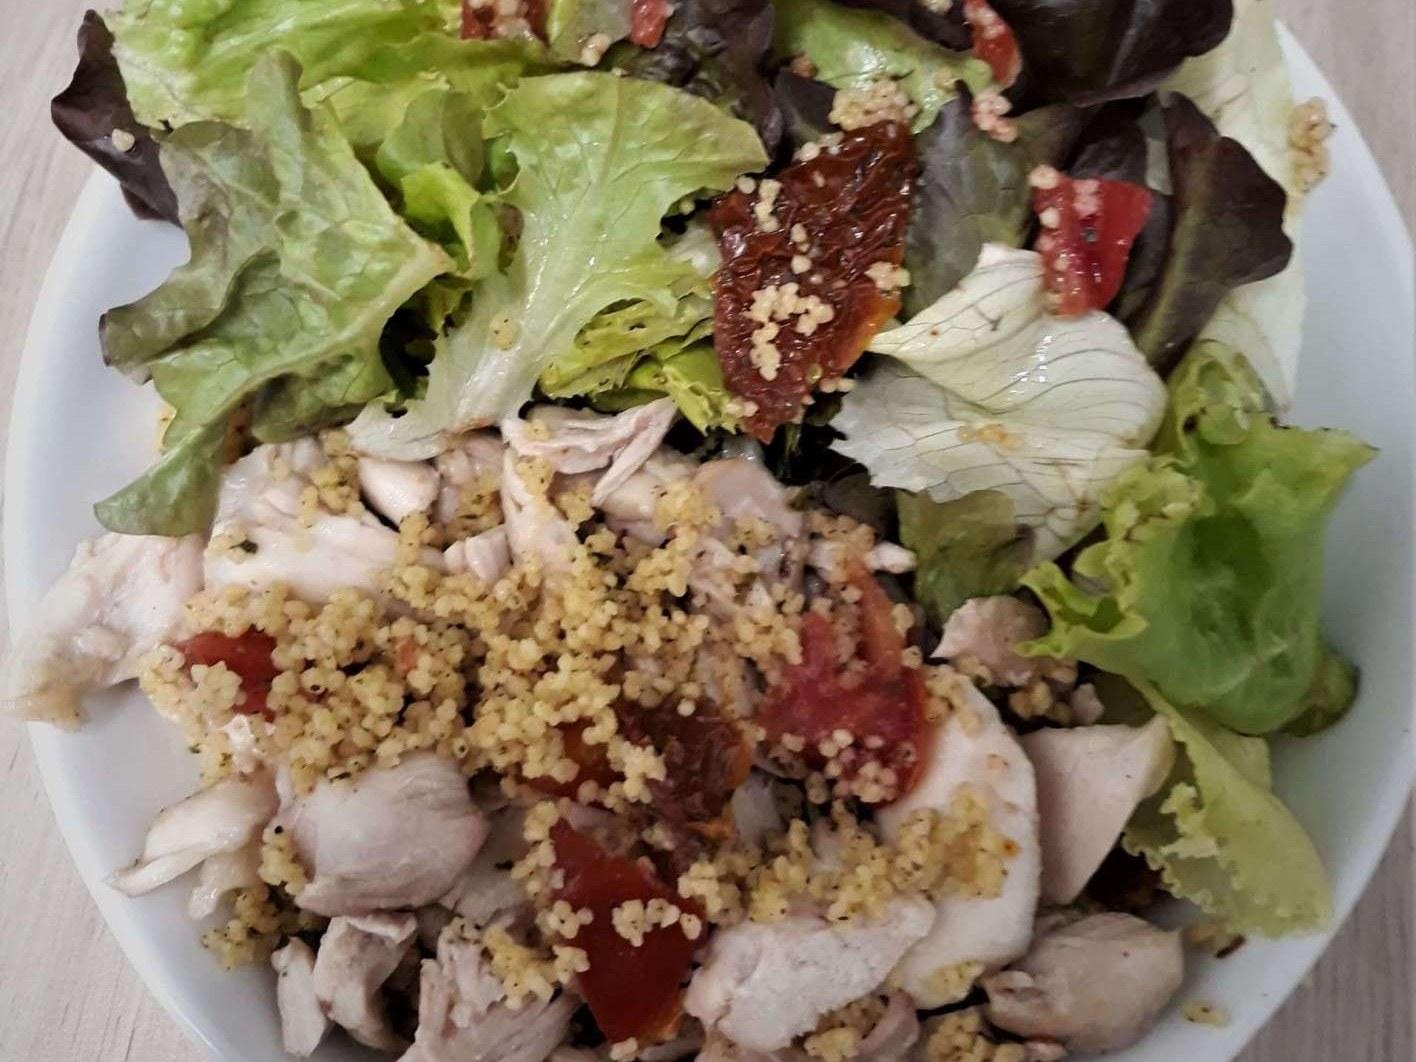 assiette de salade verte poulet et taboulé Chez Toto à Meslay-du-Maine met à votre disposition une variété de pâtes fraîches à base d'ingrédients frais. Elles sont préparées dans le respect de la tradition italienne.  Nous vous proposons des préparations